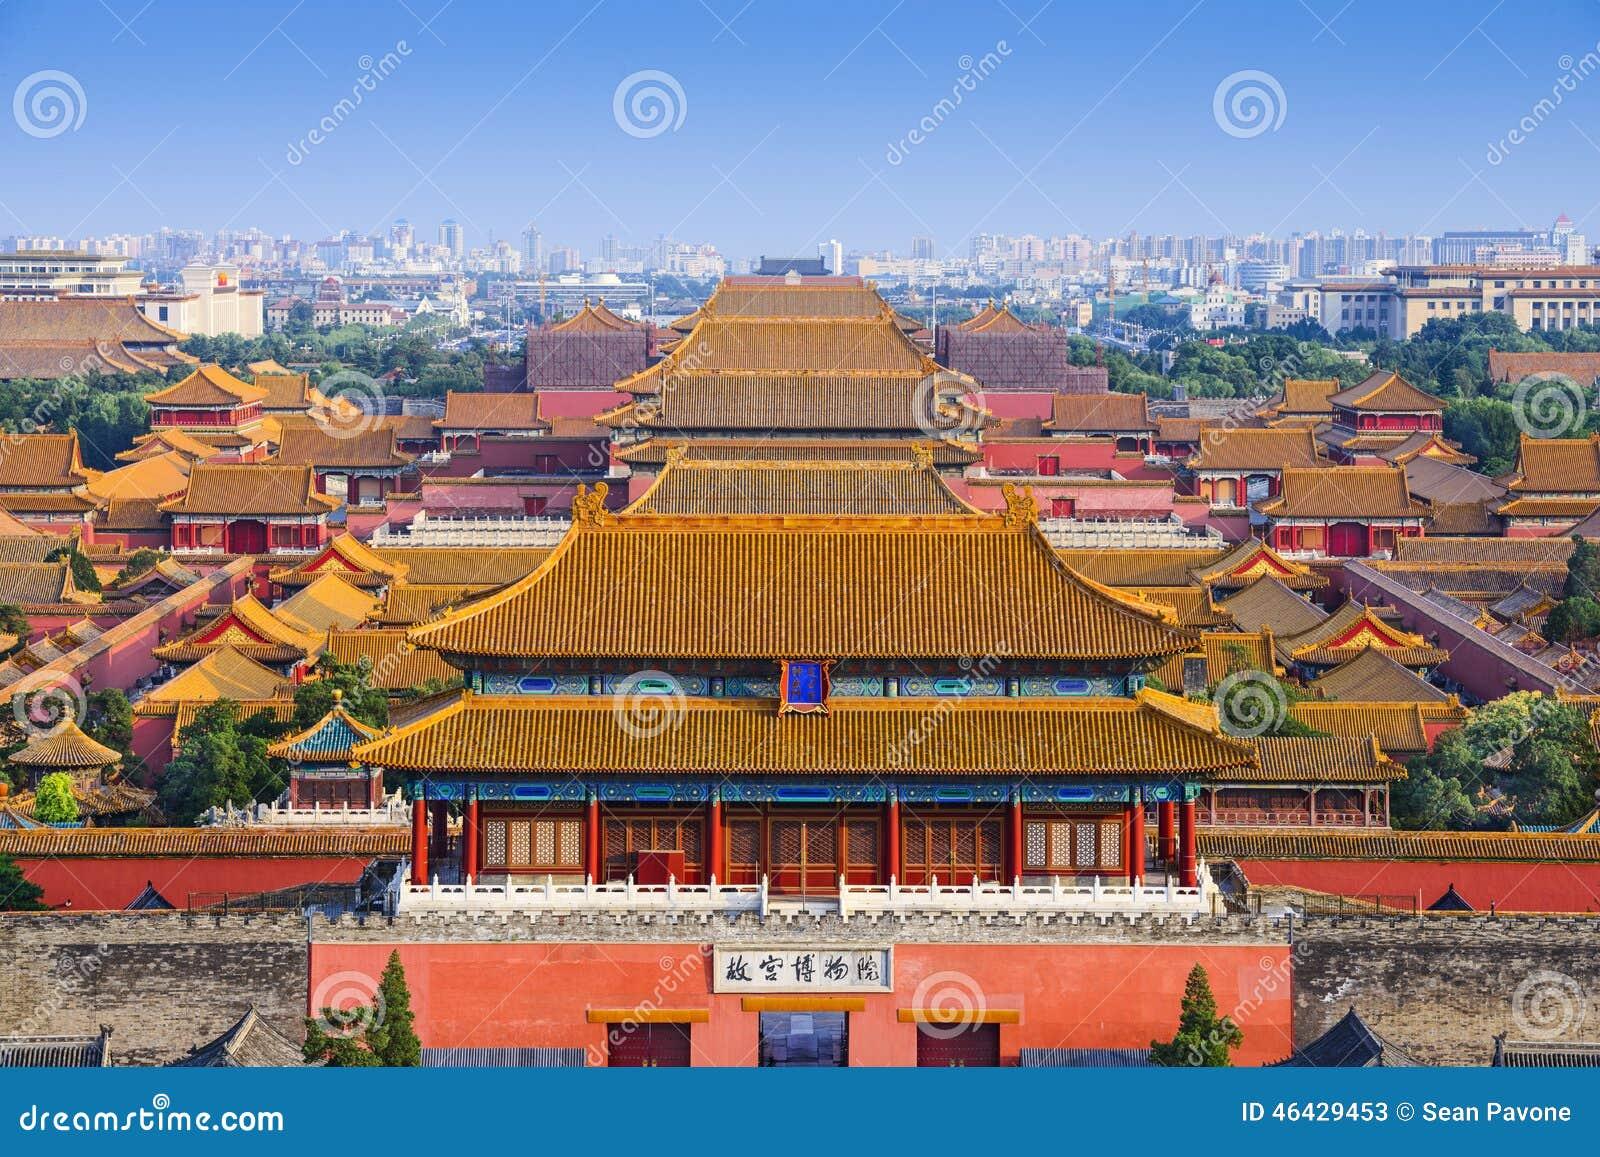 Pechino Cina La Città Proibita Immagine Stock - Immagine di china, north:  46429453